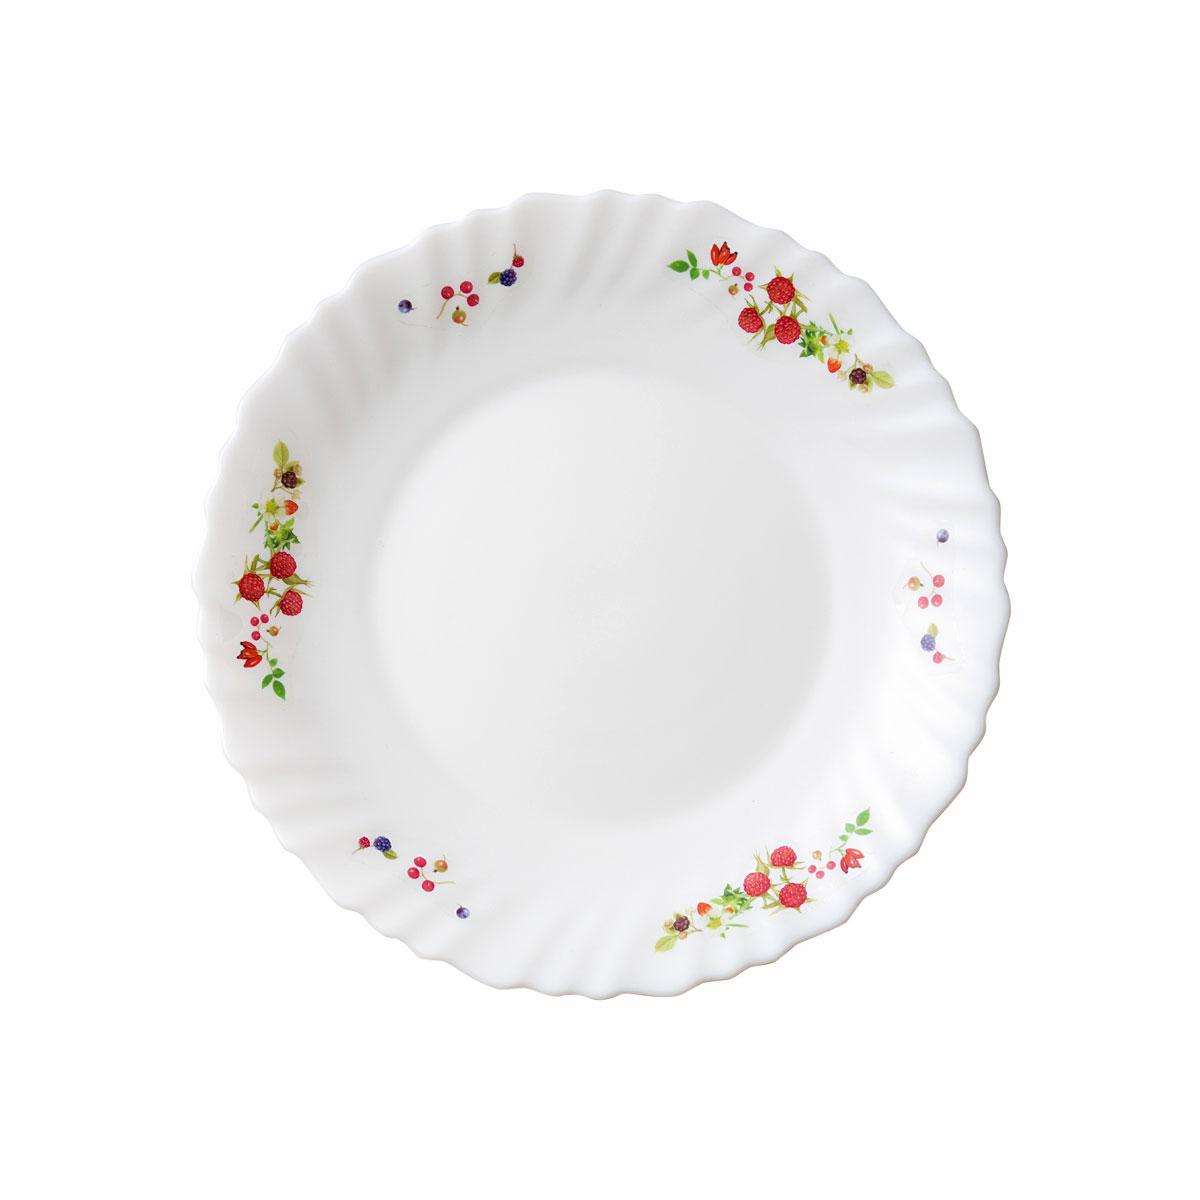 Seasonal Wrap入荷 家族の明るい食卓に-ファミエット食卓を彩る素敵なメイド イン 未使用品 フランス明るく爽やかな フランボワーズ iwaki B11369-BR ファミエット 小皿 径19cm